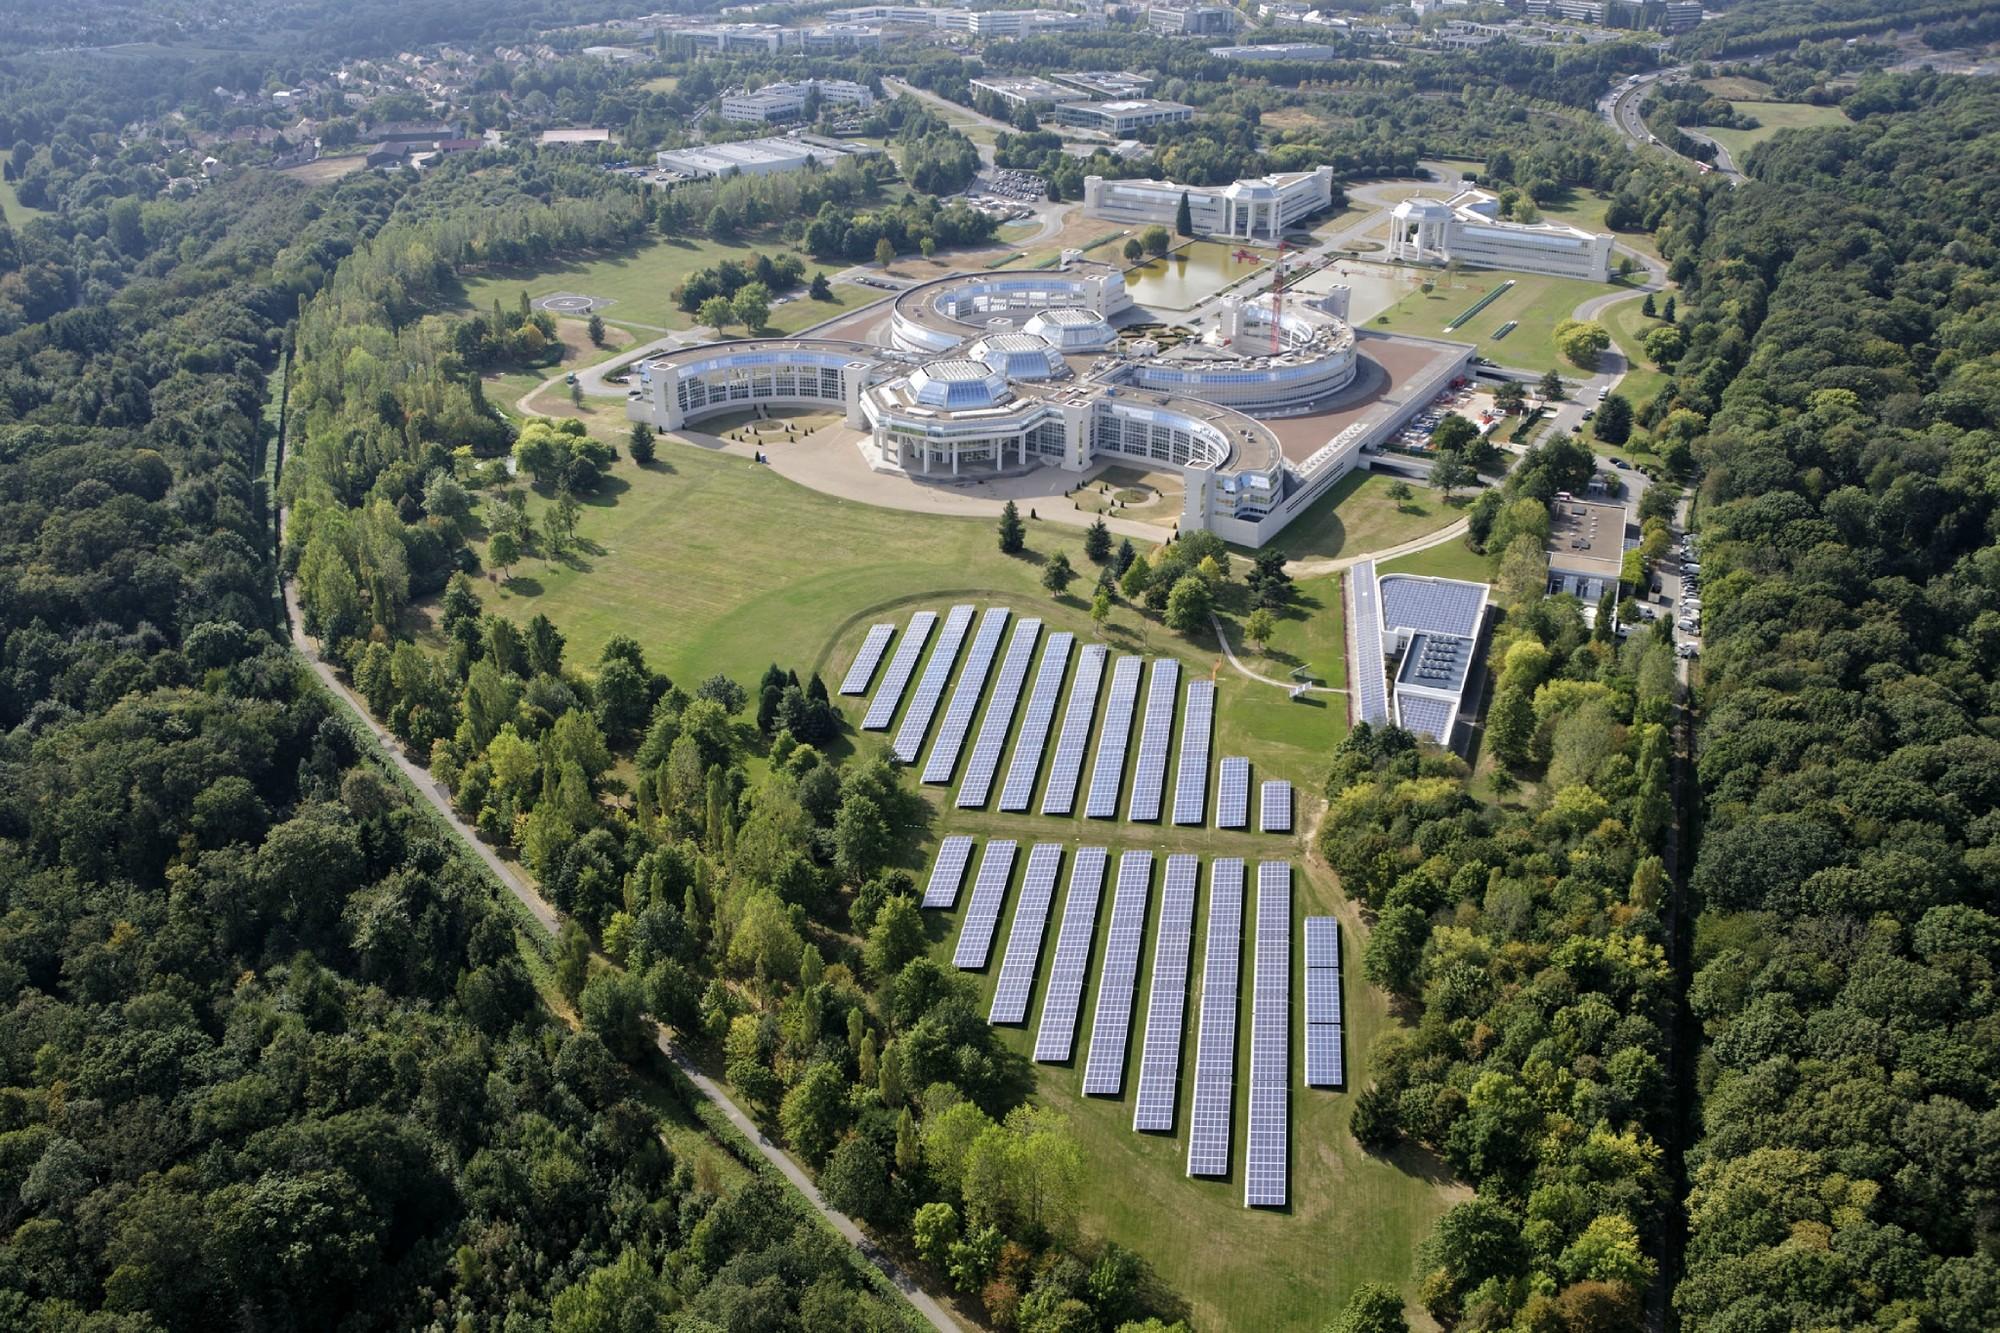 Edificio de oficinas en Versalles se convierte en el primer proyecto del mundo con triple acreditación verde, Bouygues Construction / SRA Architecture - Vía Construire Vert